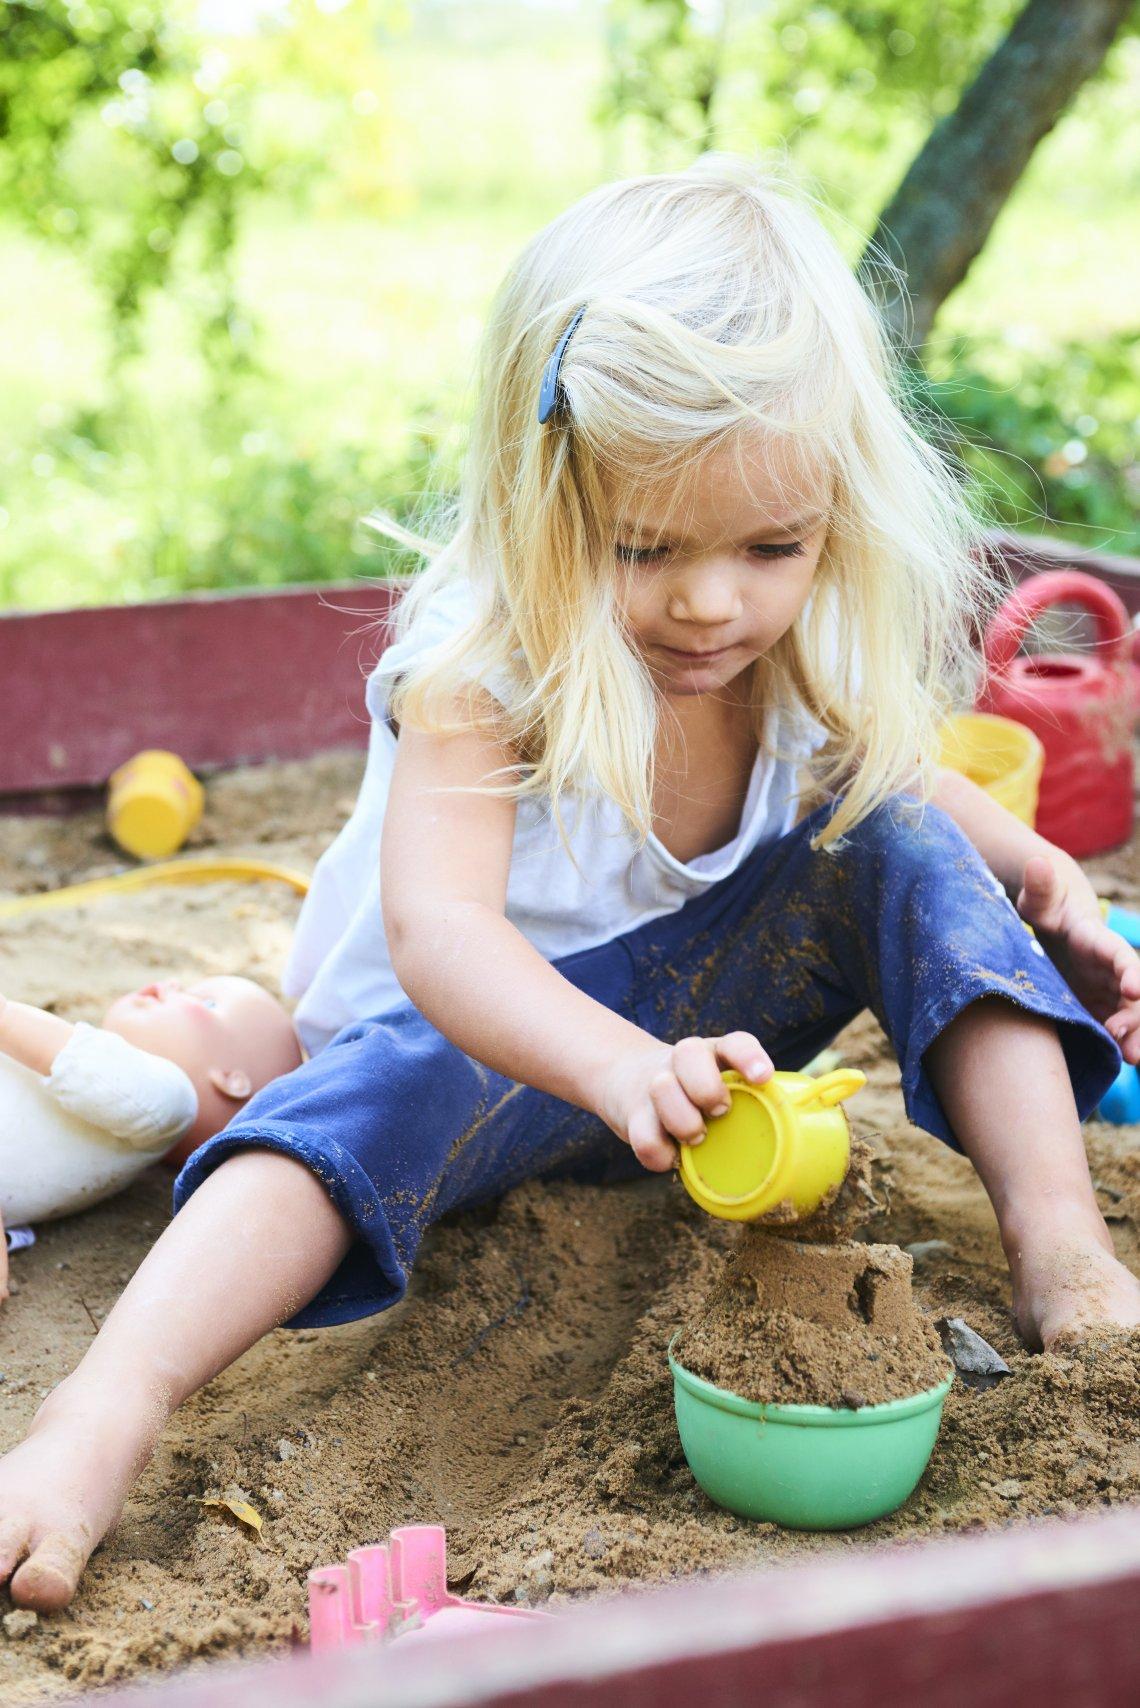 Mína si hraje na svém maličkém pískovišti, ze kterého poctivě sype všechen písek ven.